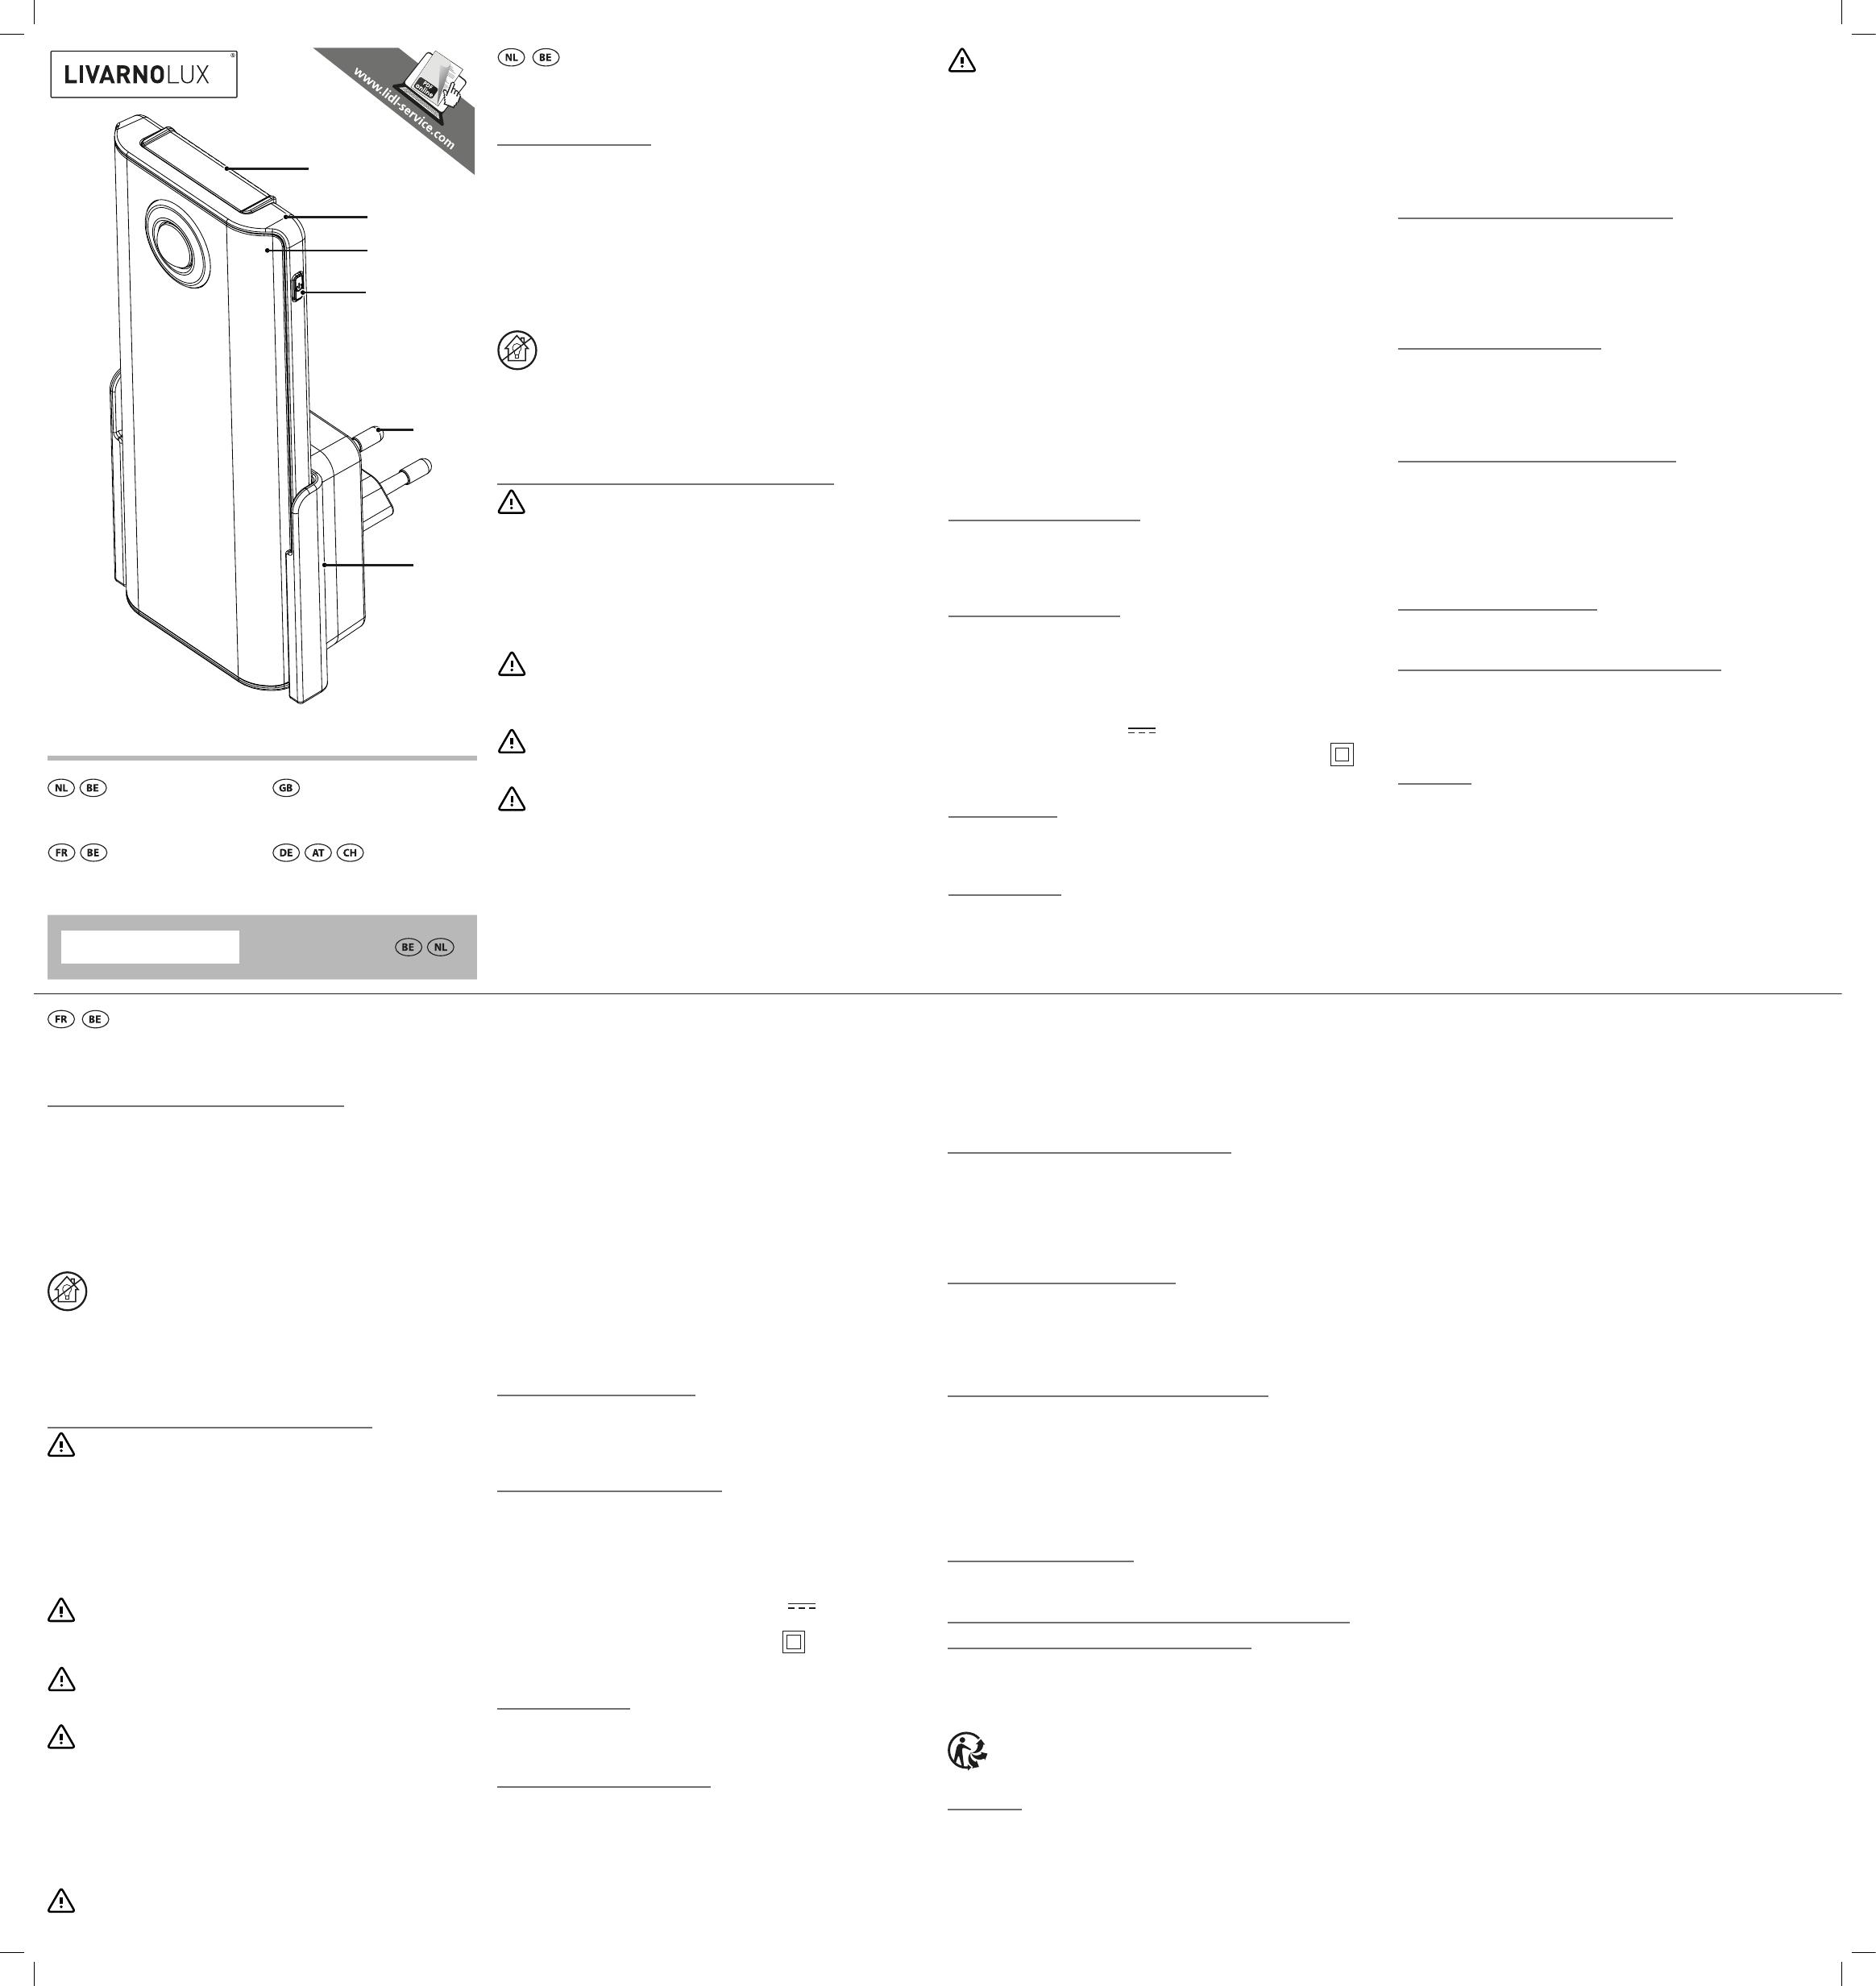 Livarnolux Von Bedienungsanleitung 278006 1seite Ian 2 5Lj3Ac4Rq